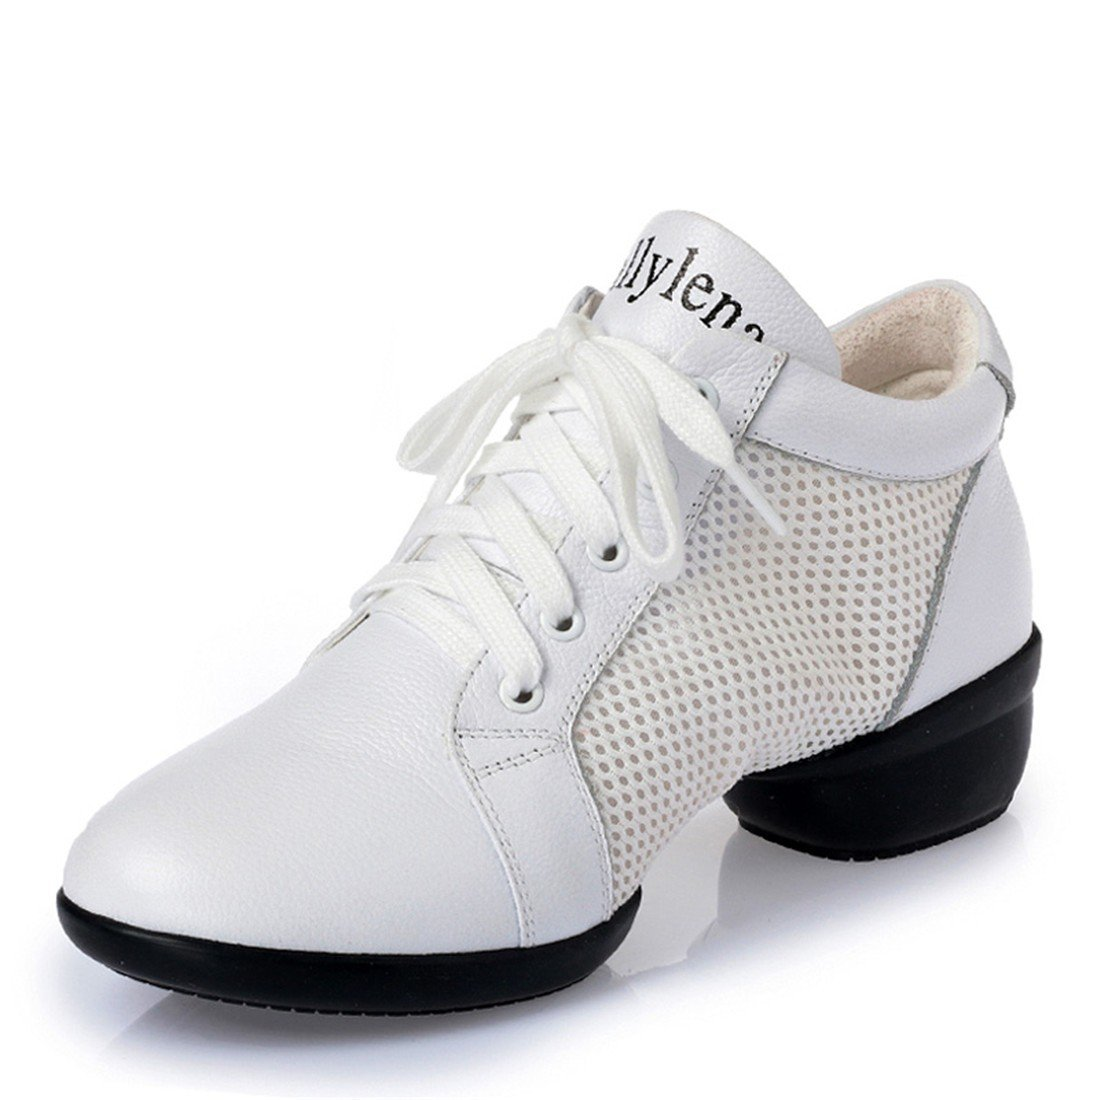 WXMDDN Mädchen Marine Mann Tanz Tanz Tanz Schuh Weiß Dance Schuhe Atmungsaktiv Unten Dance Schuhe Vier Jahreszeiten B0789J4C2W Tanzschuhe Bevorzugte Boutique 4bee16